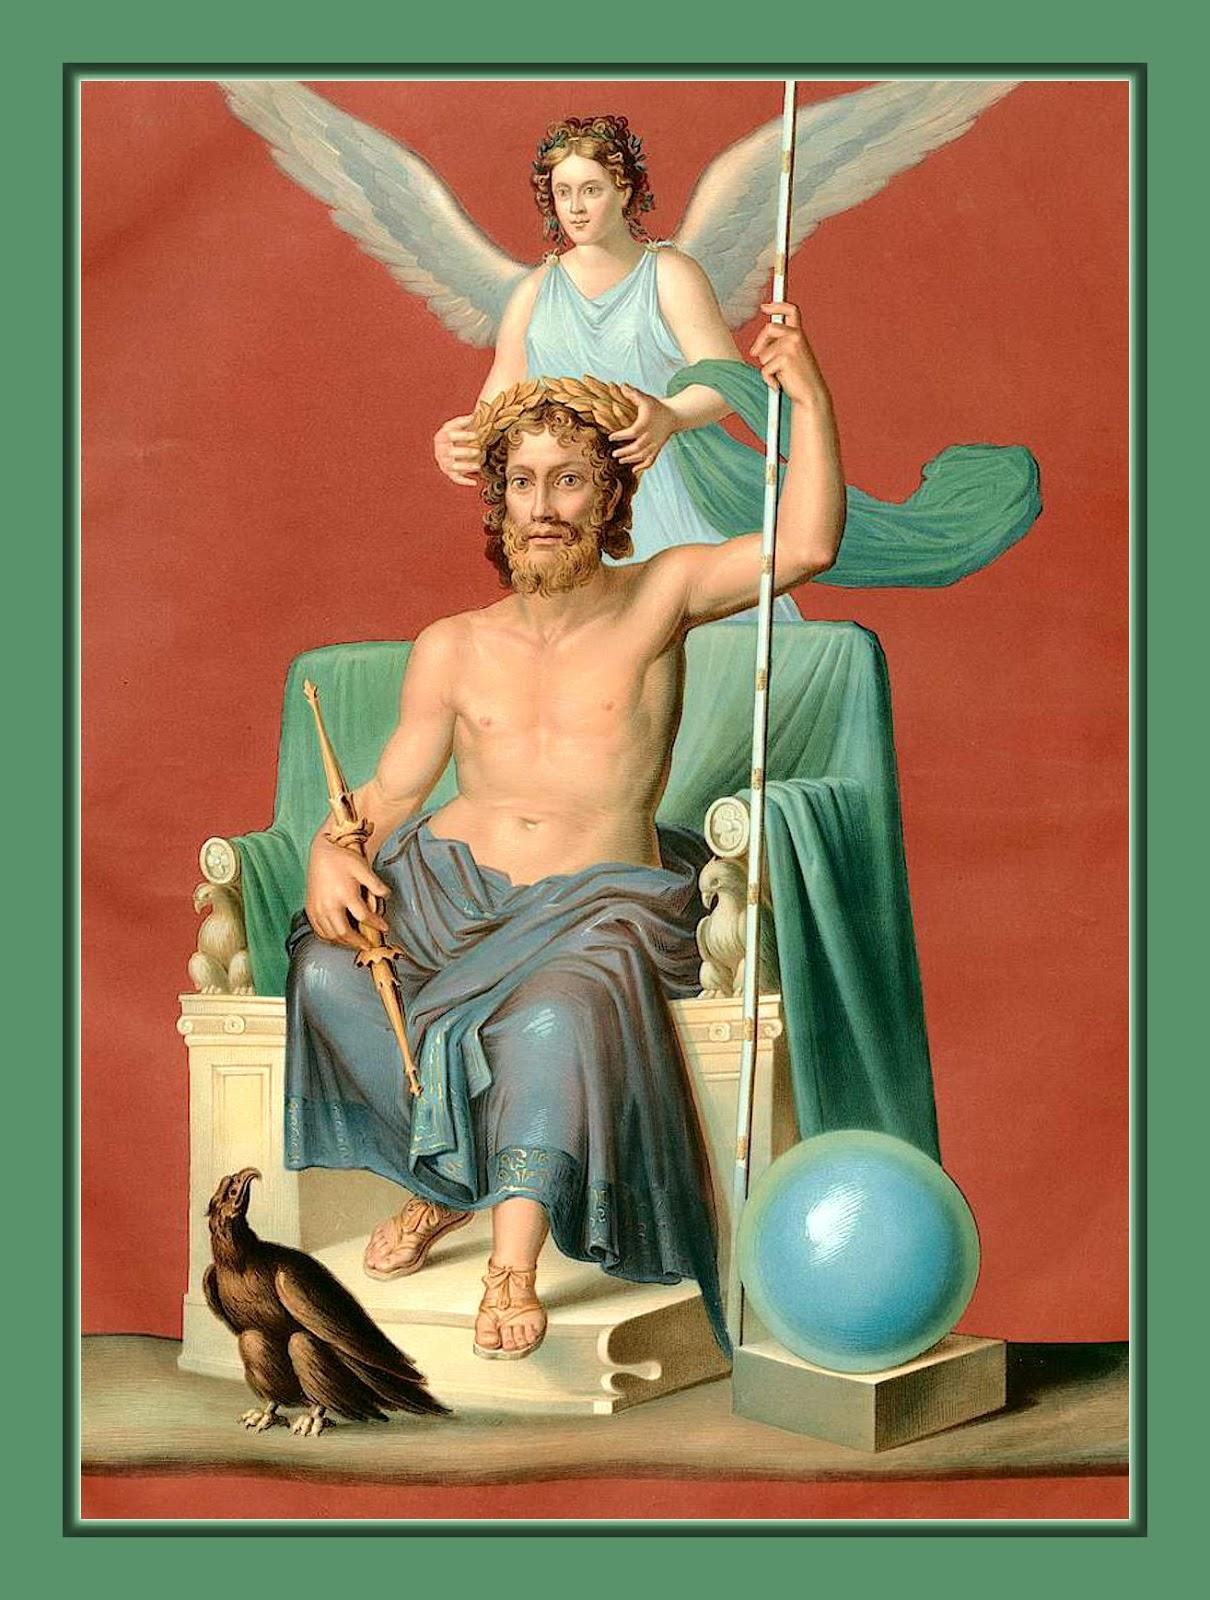 Λατρευτικά προσωνύμια του Διός στη Θεσσαλία και η σημασία τους 088ec1b8fed